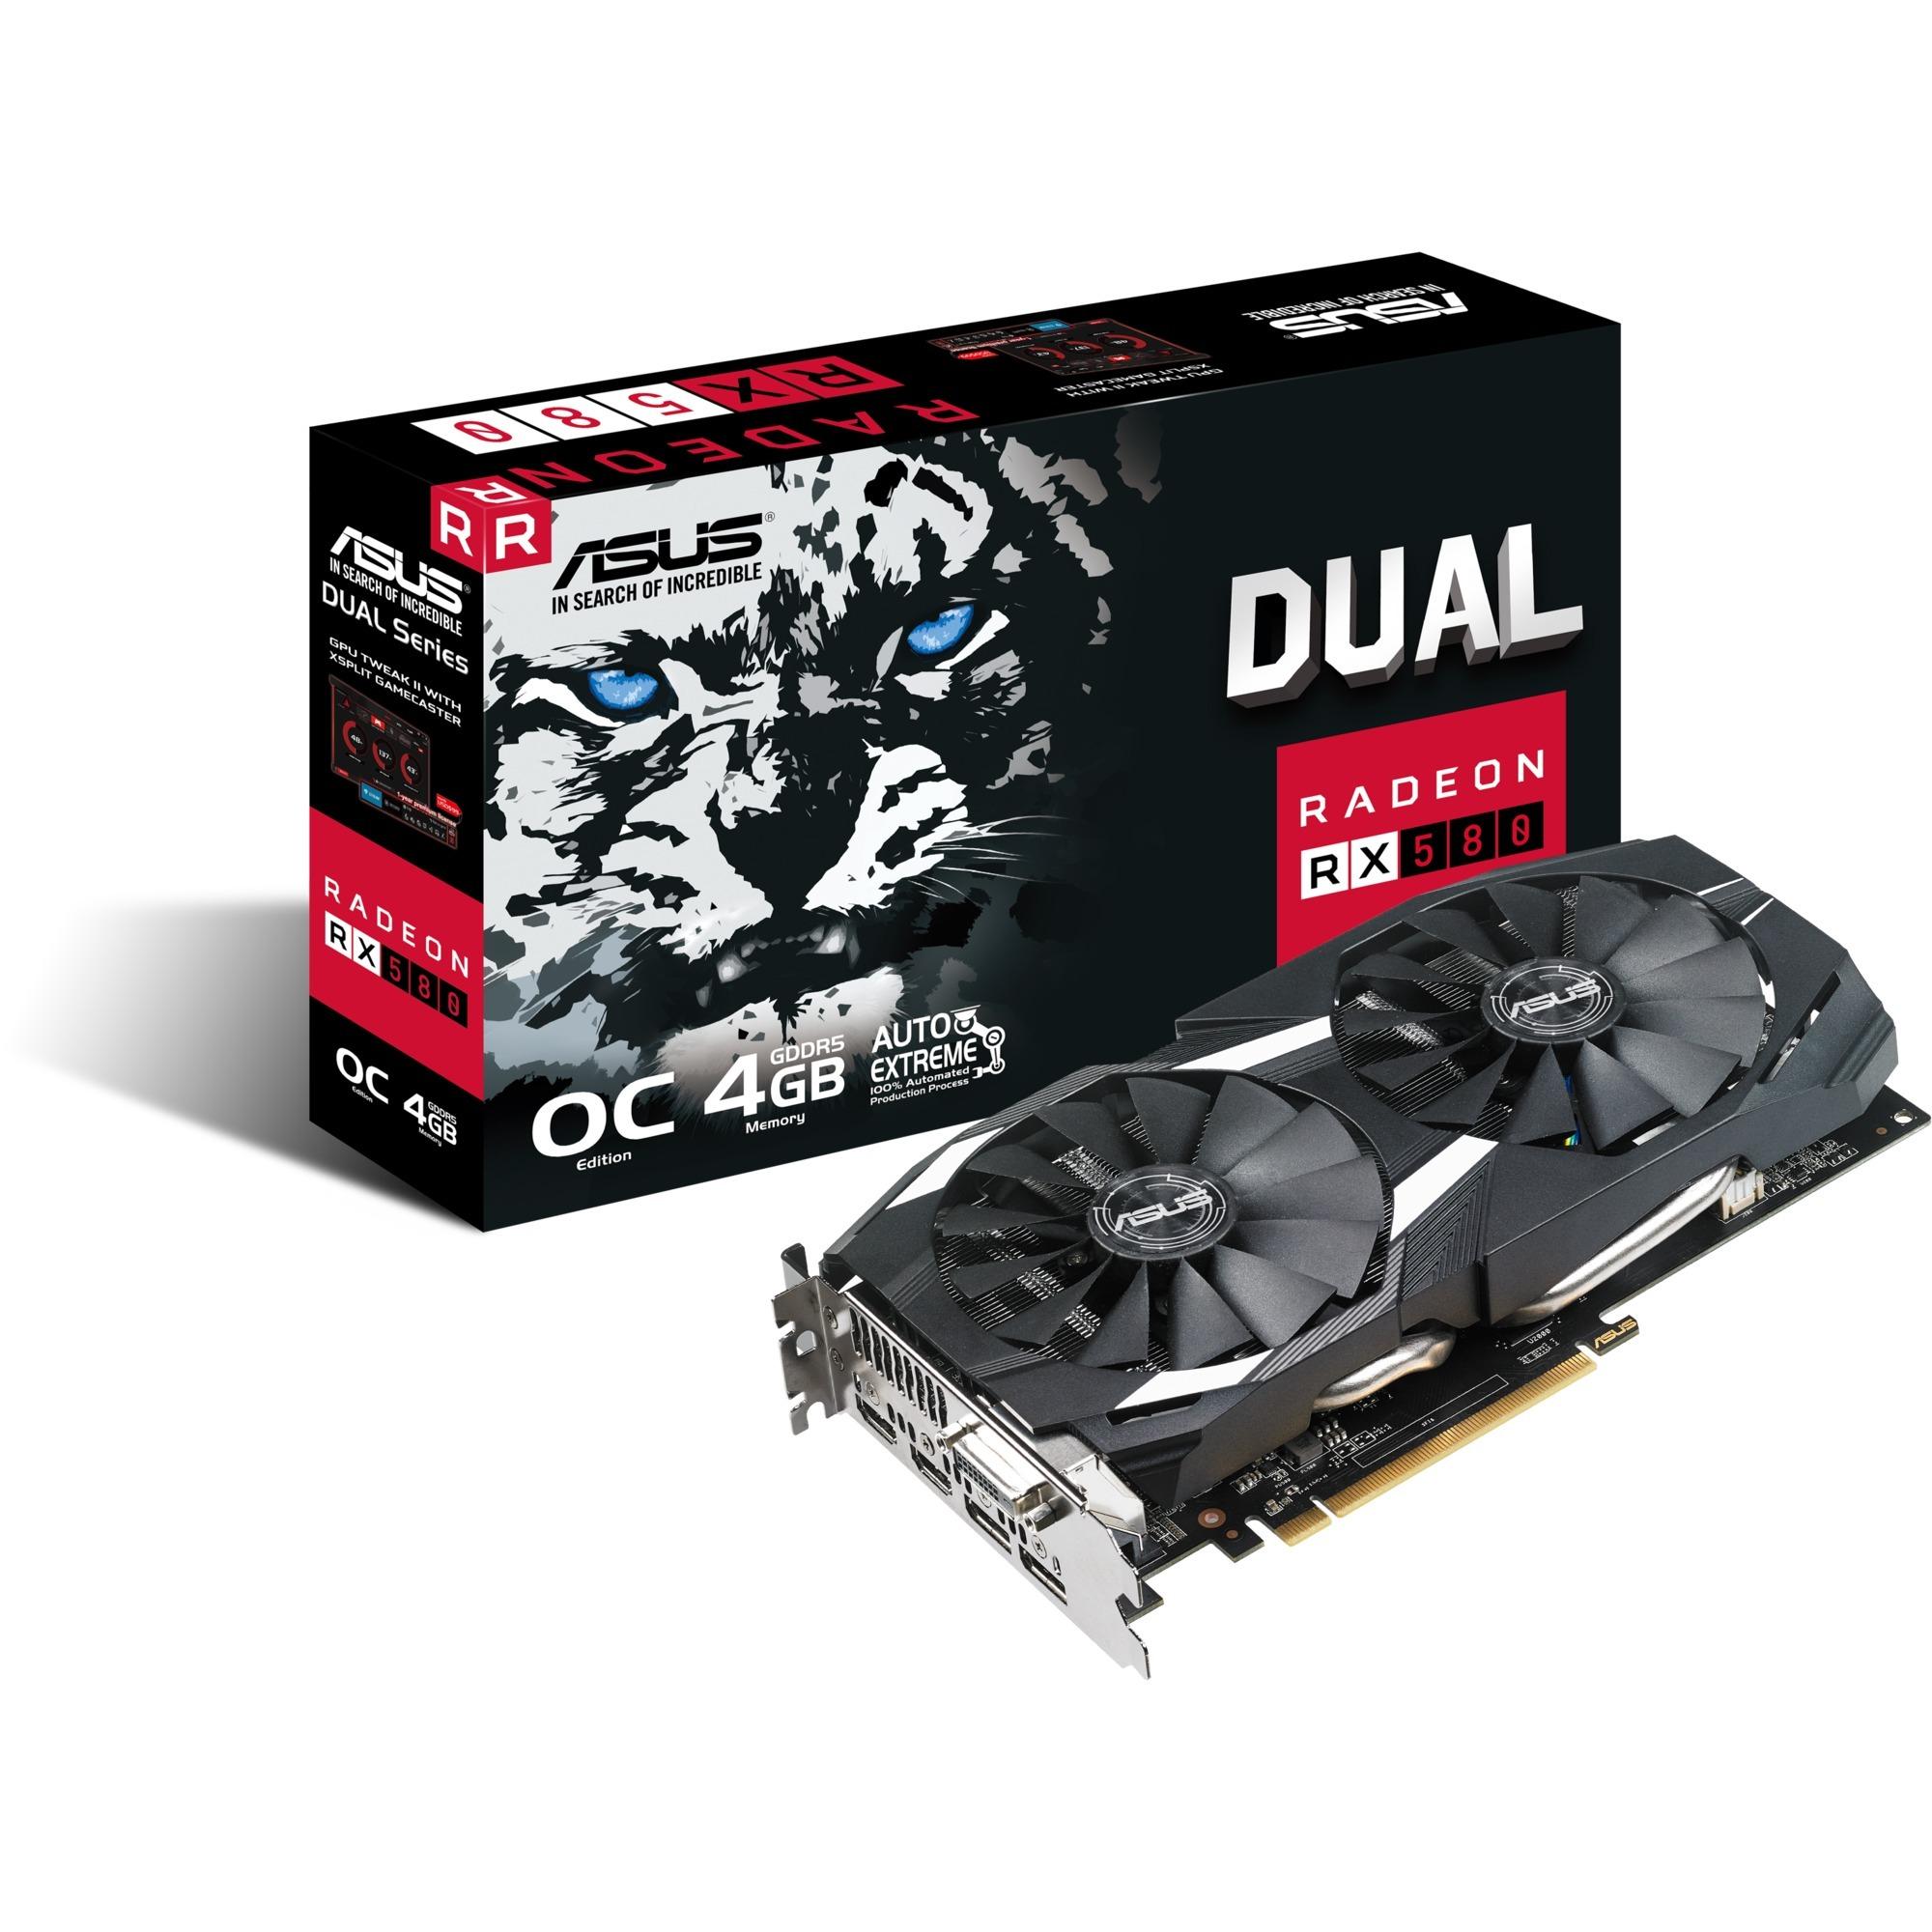 DUAL-RX580-O4G, Carte graphique